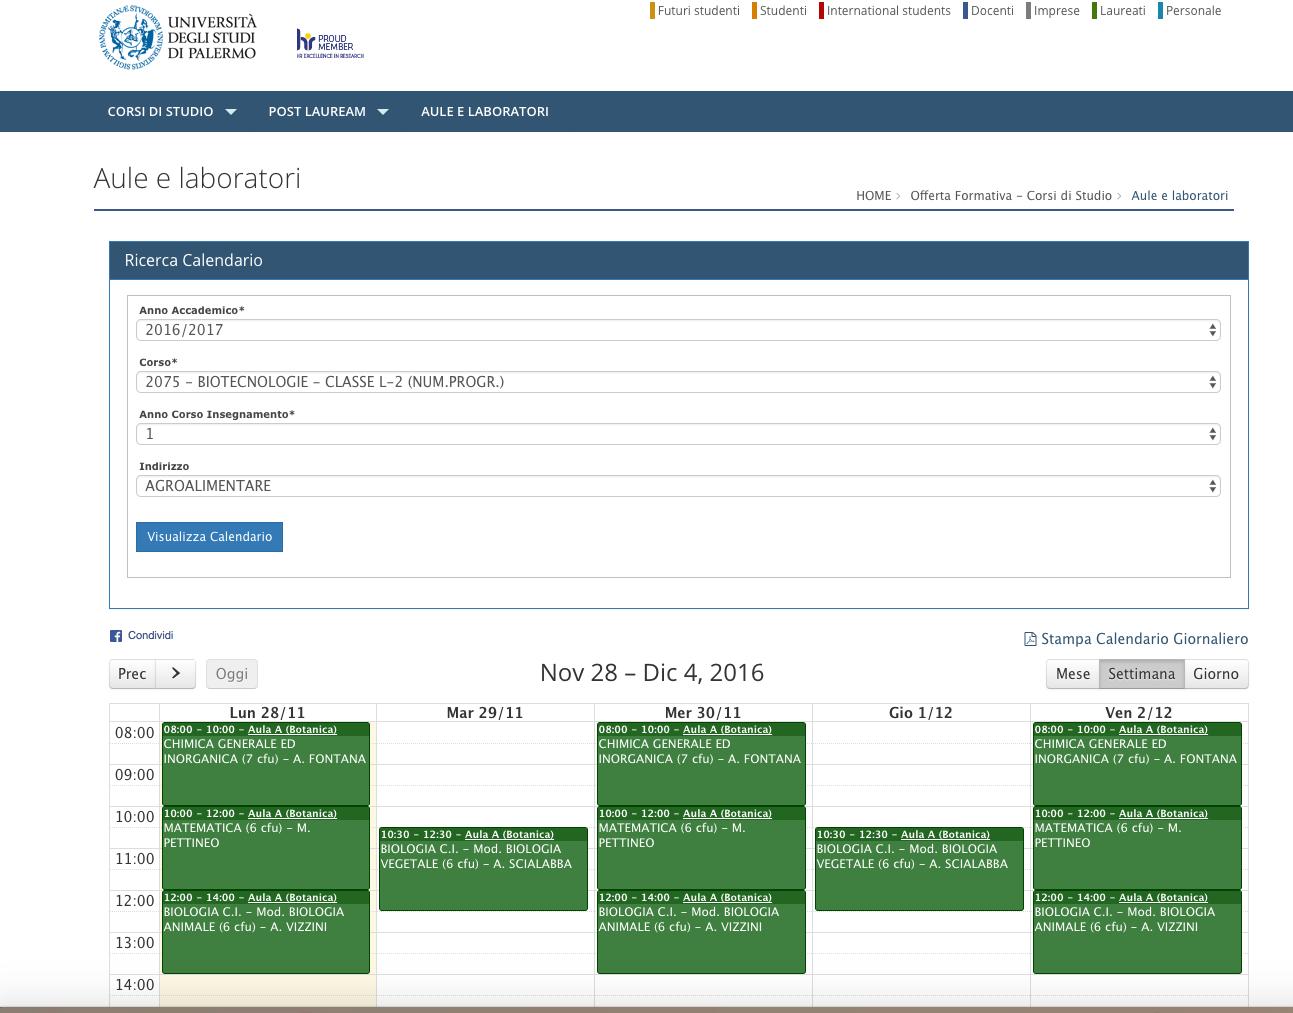 Calendario Didattico Unipa Scuola Delle Scienze Umane.Orario Delle Lezioni